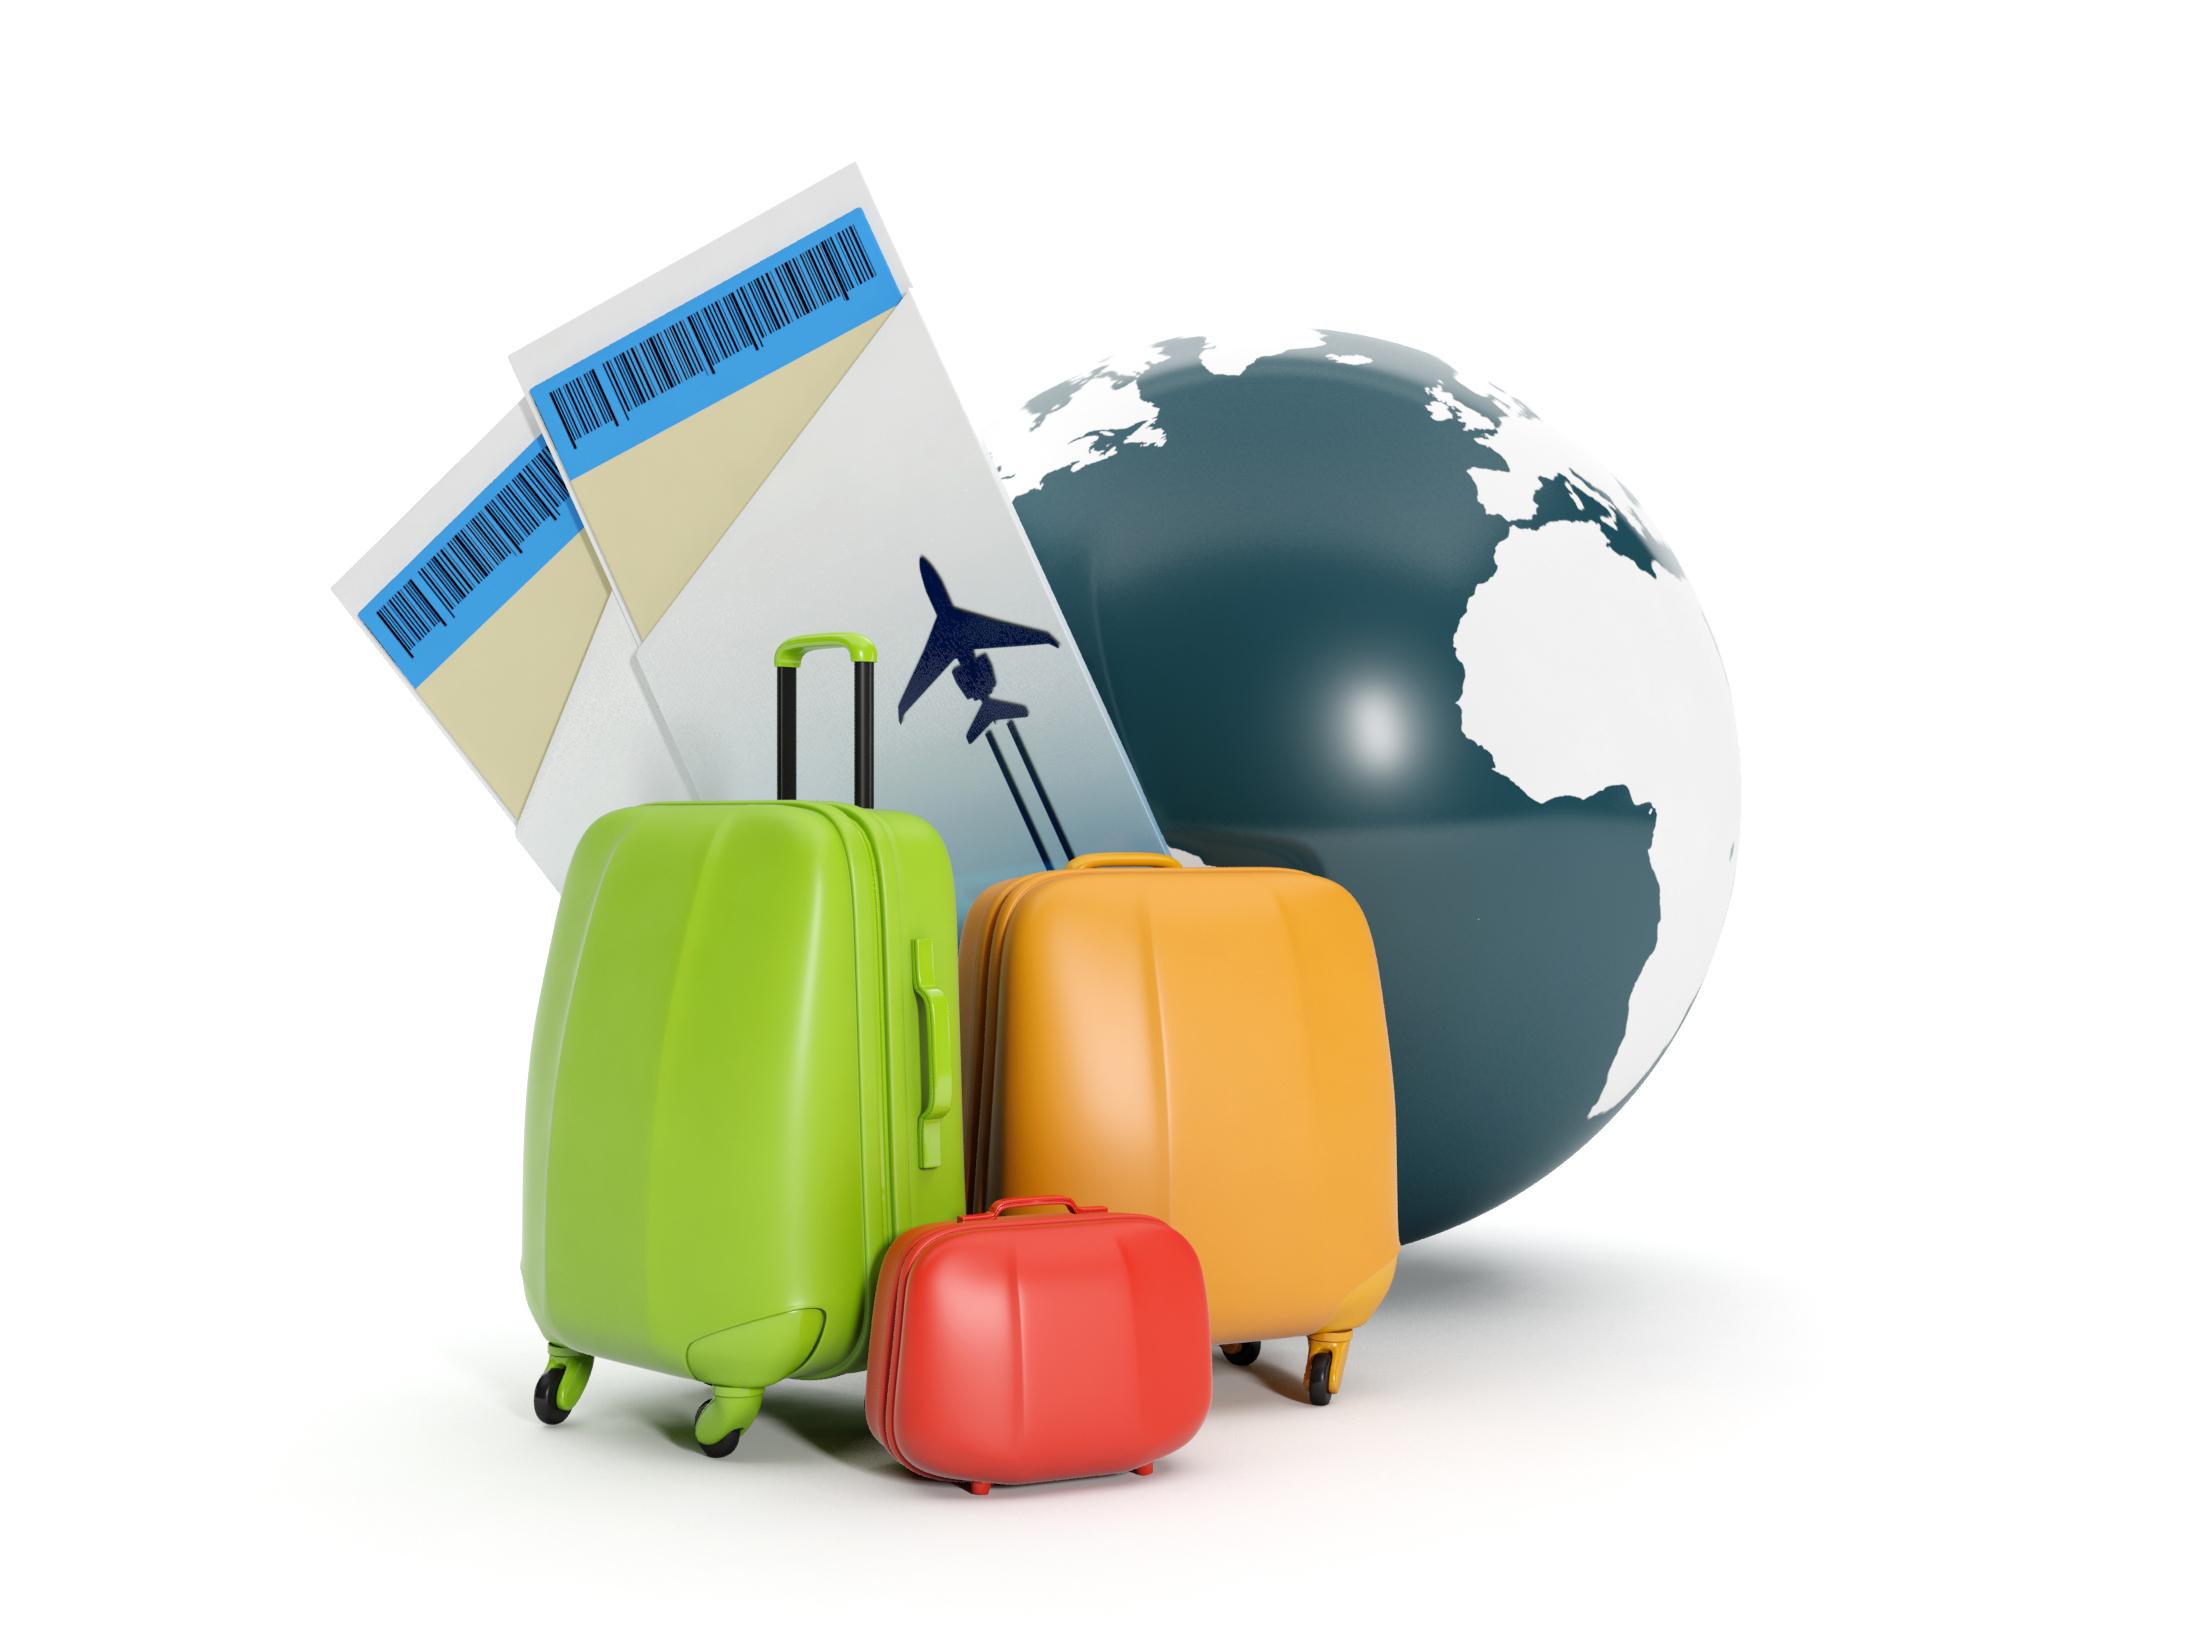 Regime speciale Iva delle Agenzie di viaggio e turismo